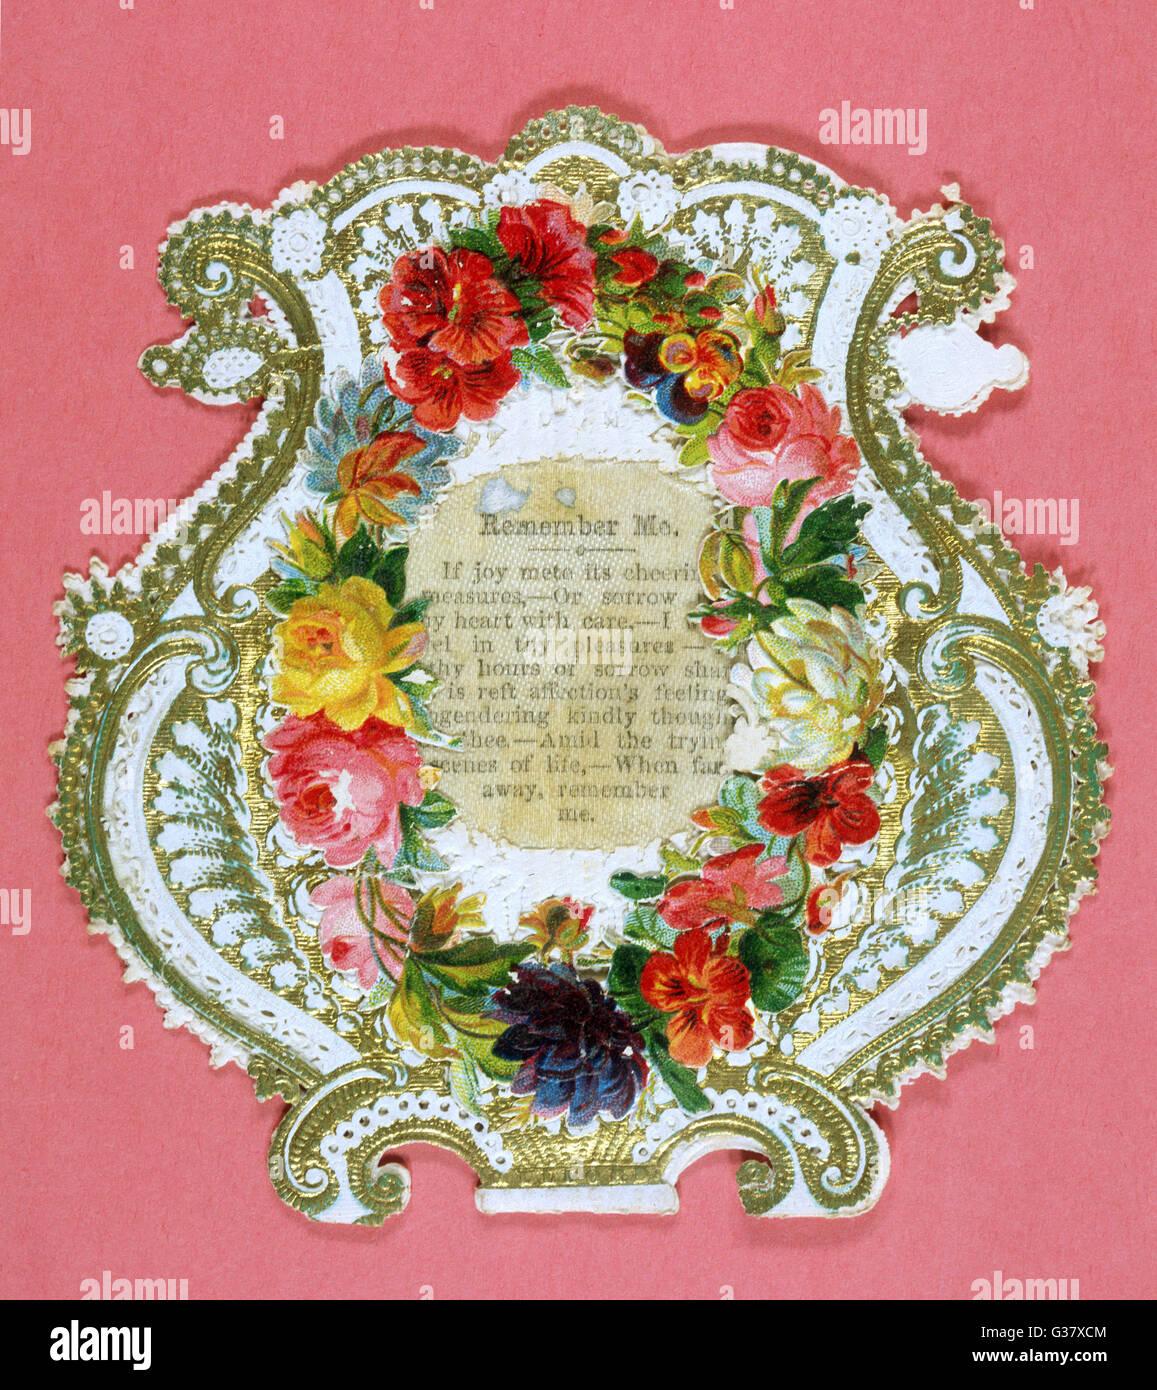 """""""Remember me"""" - ein eher wortreichen Text in Lyra-Form Blumenrahmen Datum: um 1870 Stockbild"""